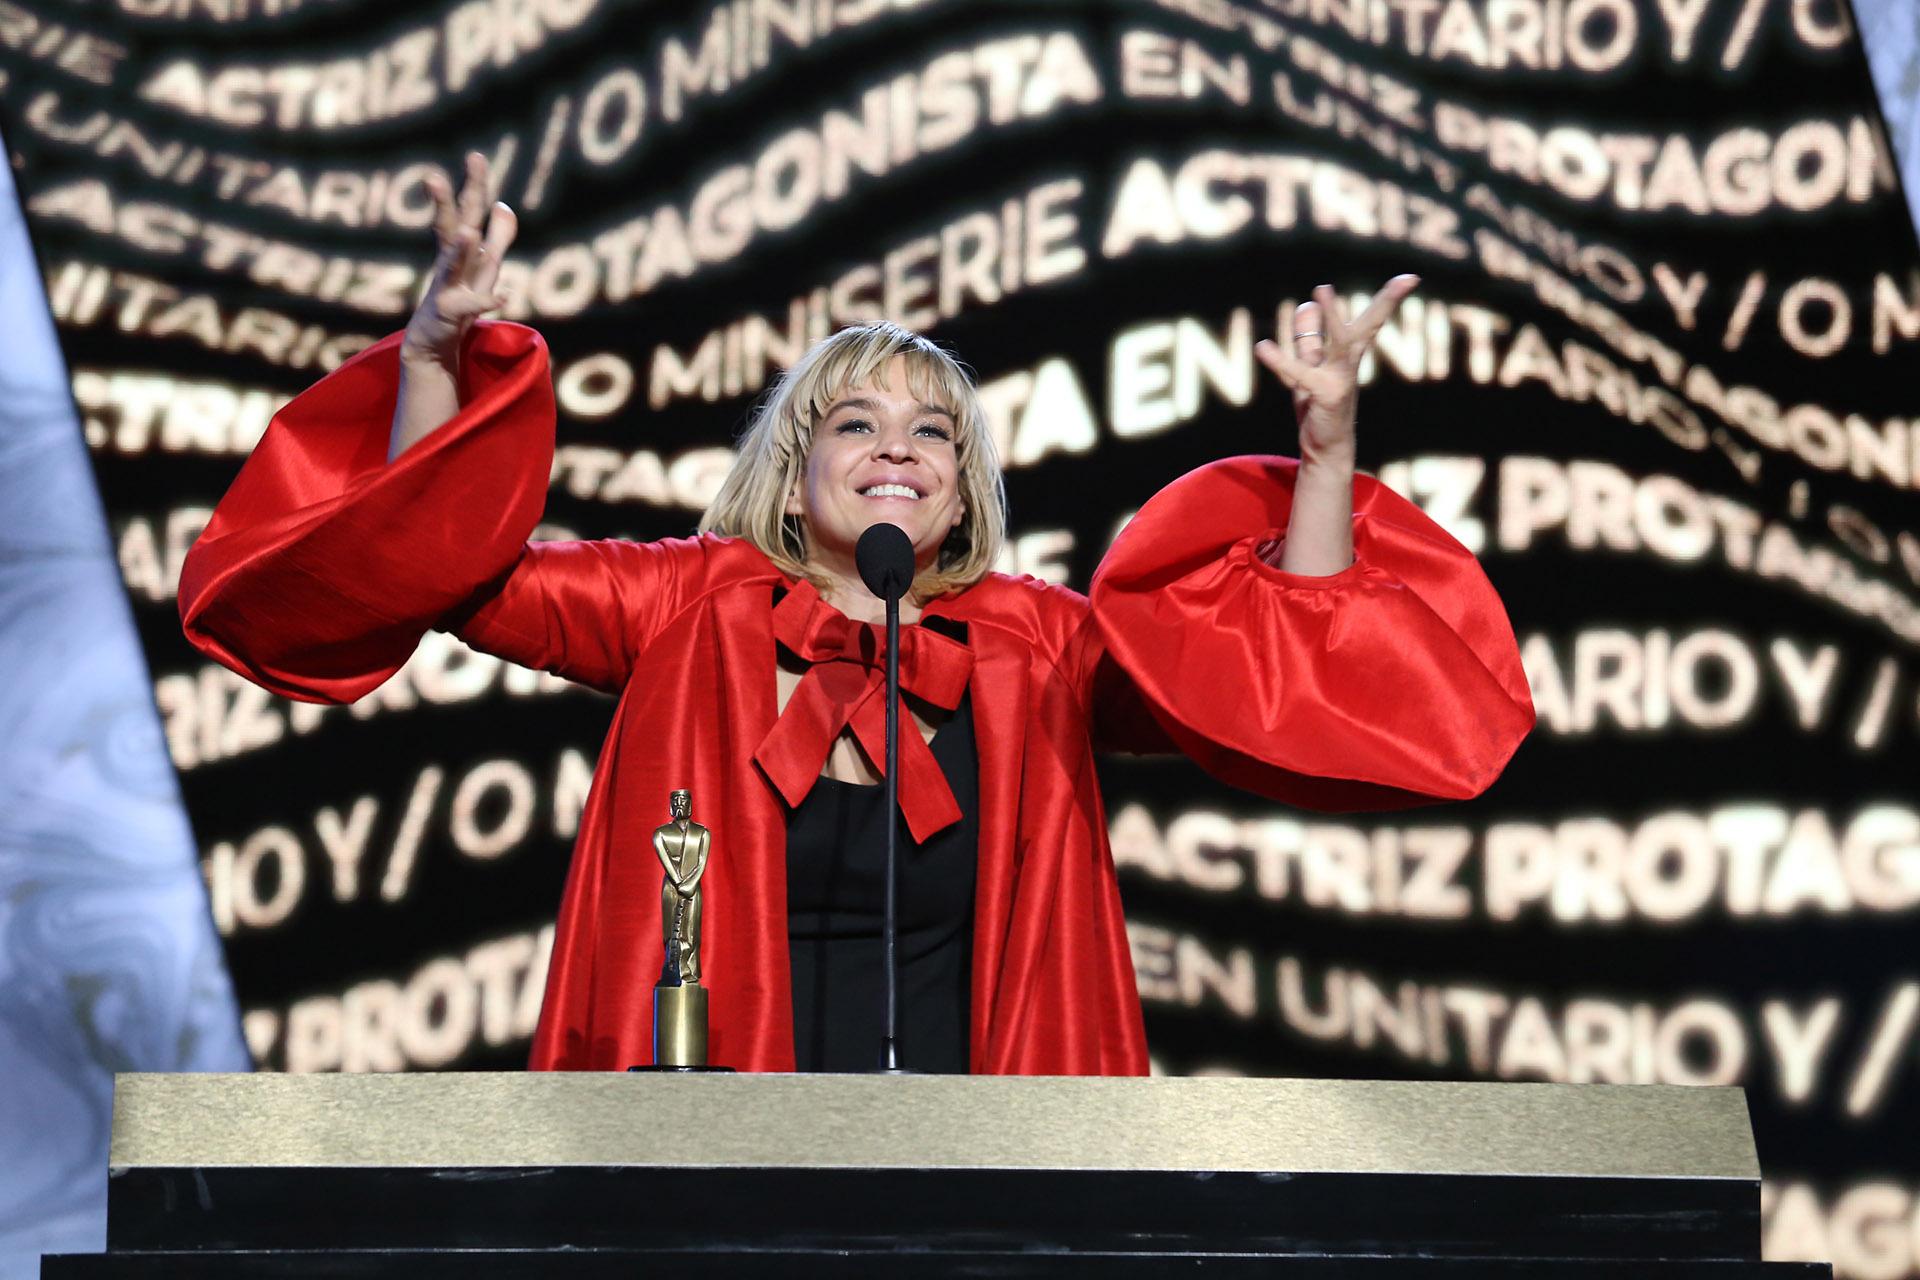 """Leticia Brédice celebró su premio y se lo dedicó a Rodrigo de la Serna: """"ESte premio es tuyo"""". Después siguió emocionada: """"Me quiero enamorar, quiero ser actriz, amo a mi hijo, quiero sentir amor y también quiero que me respeten. Como todas las mujeres, tenemos que lograr desde chiquitas decir que no a lo que nos gusta, lo que no queremos, y sí a lo que queremos cambiar. Todos podemos traspasar la pantalla"""""""